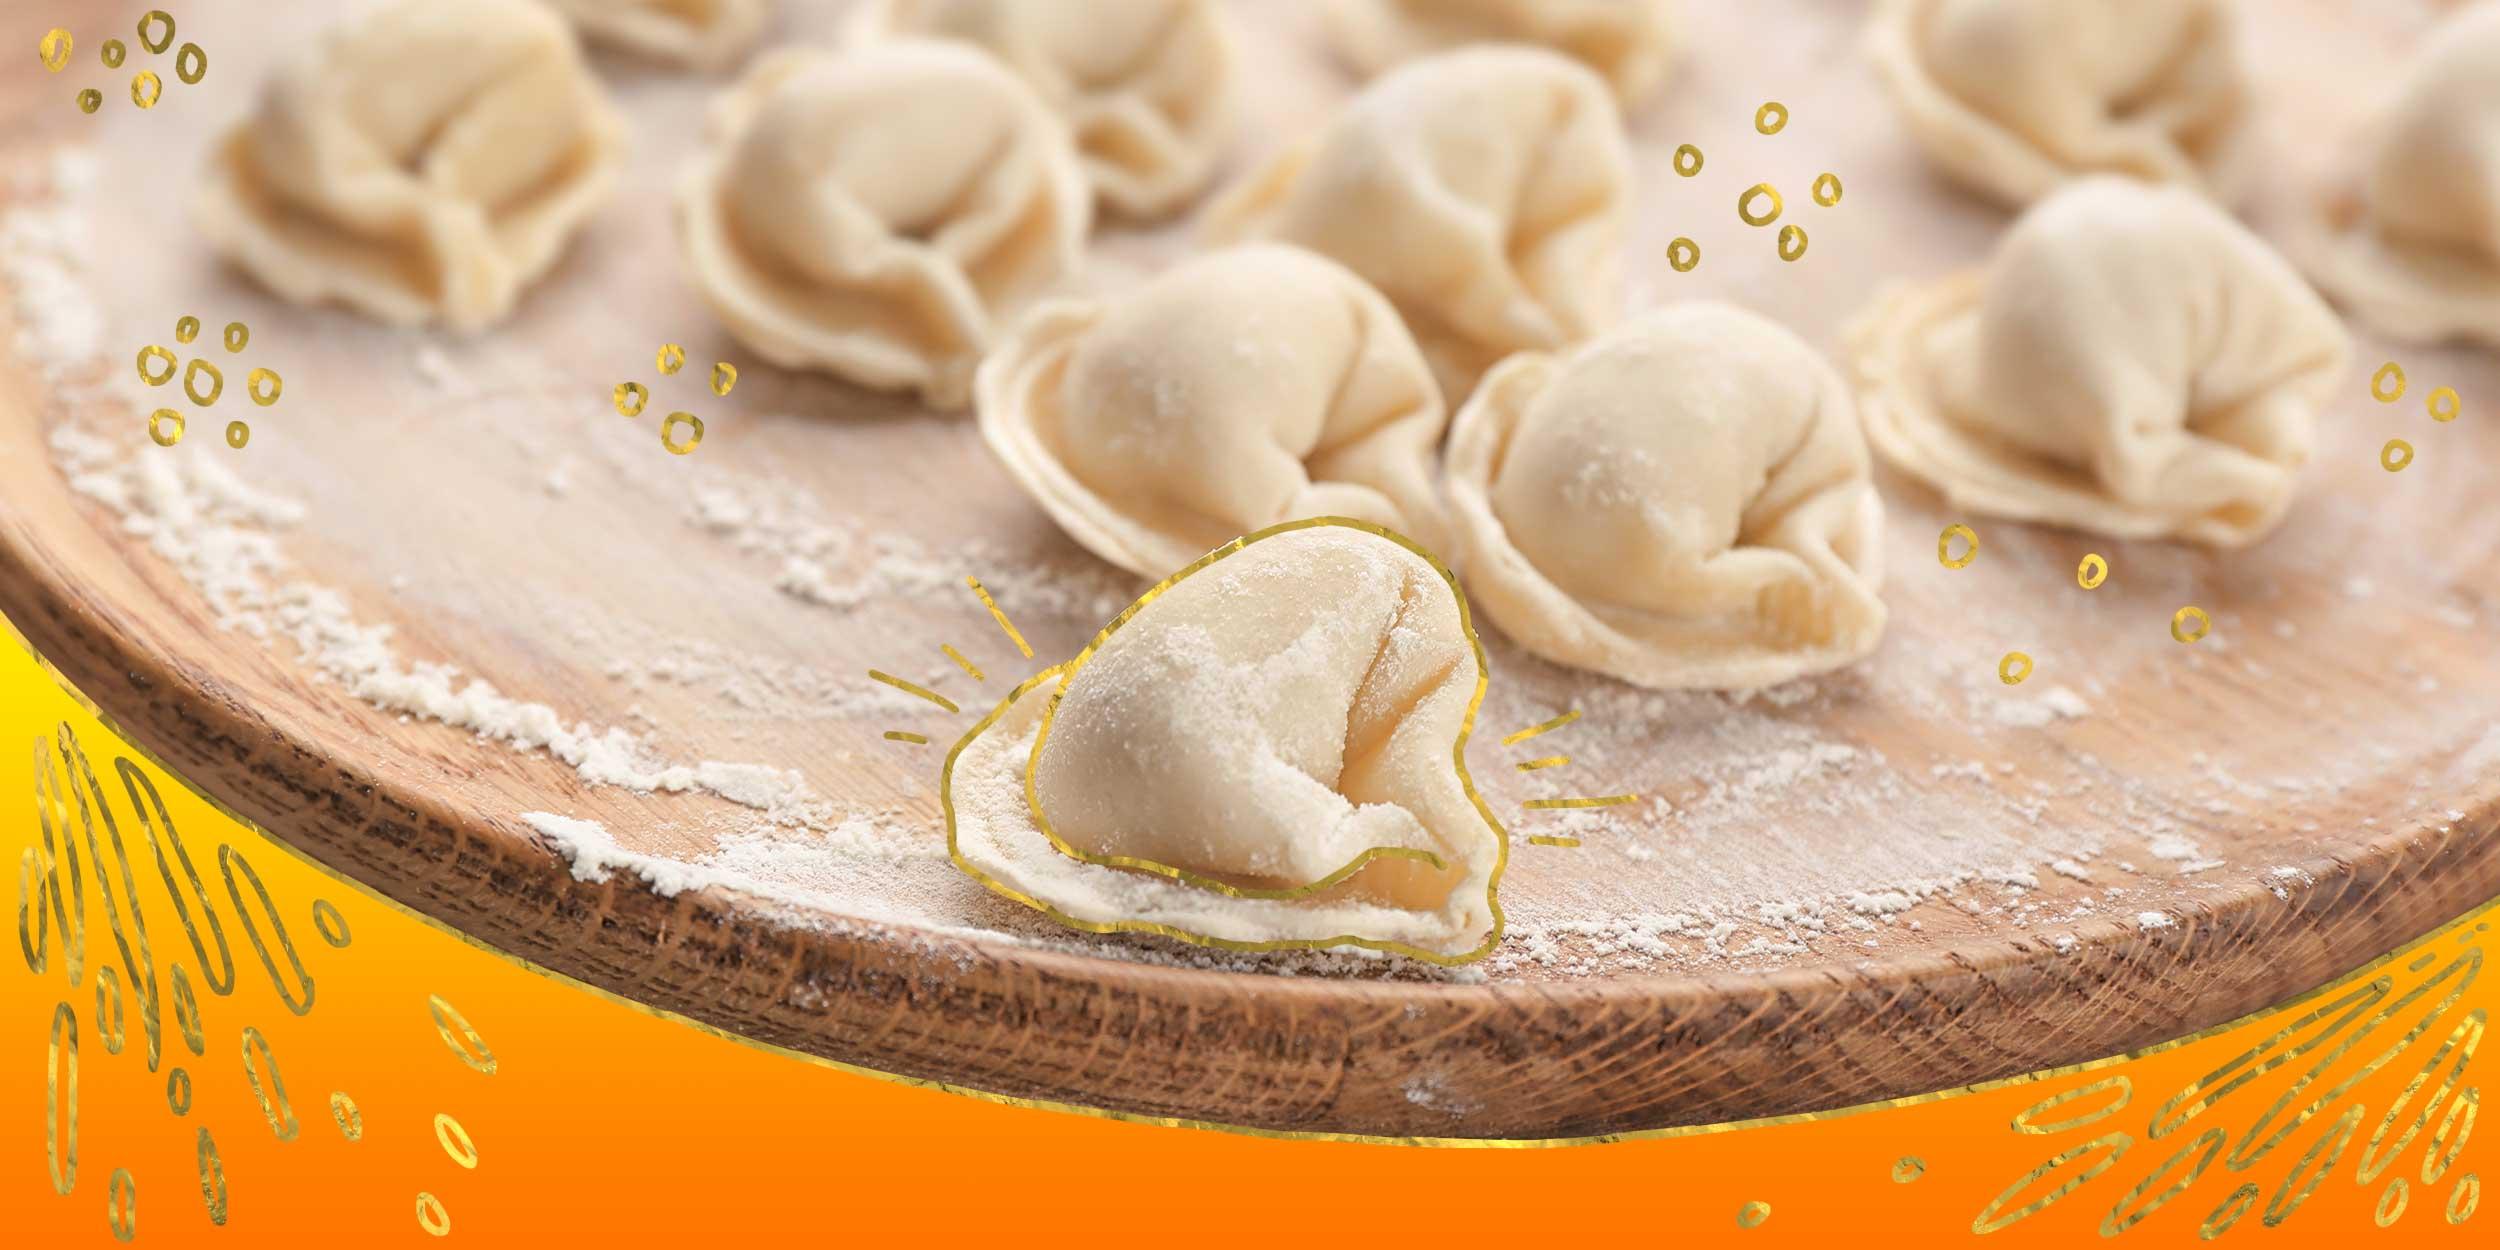 Заварное тесто для пельменей - универсальный рецепт пошагового приготовления с фото и видео